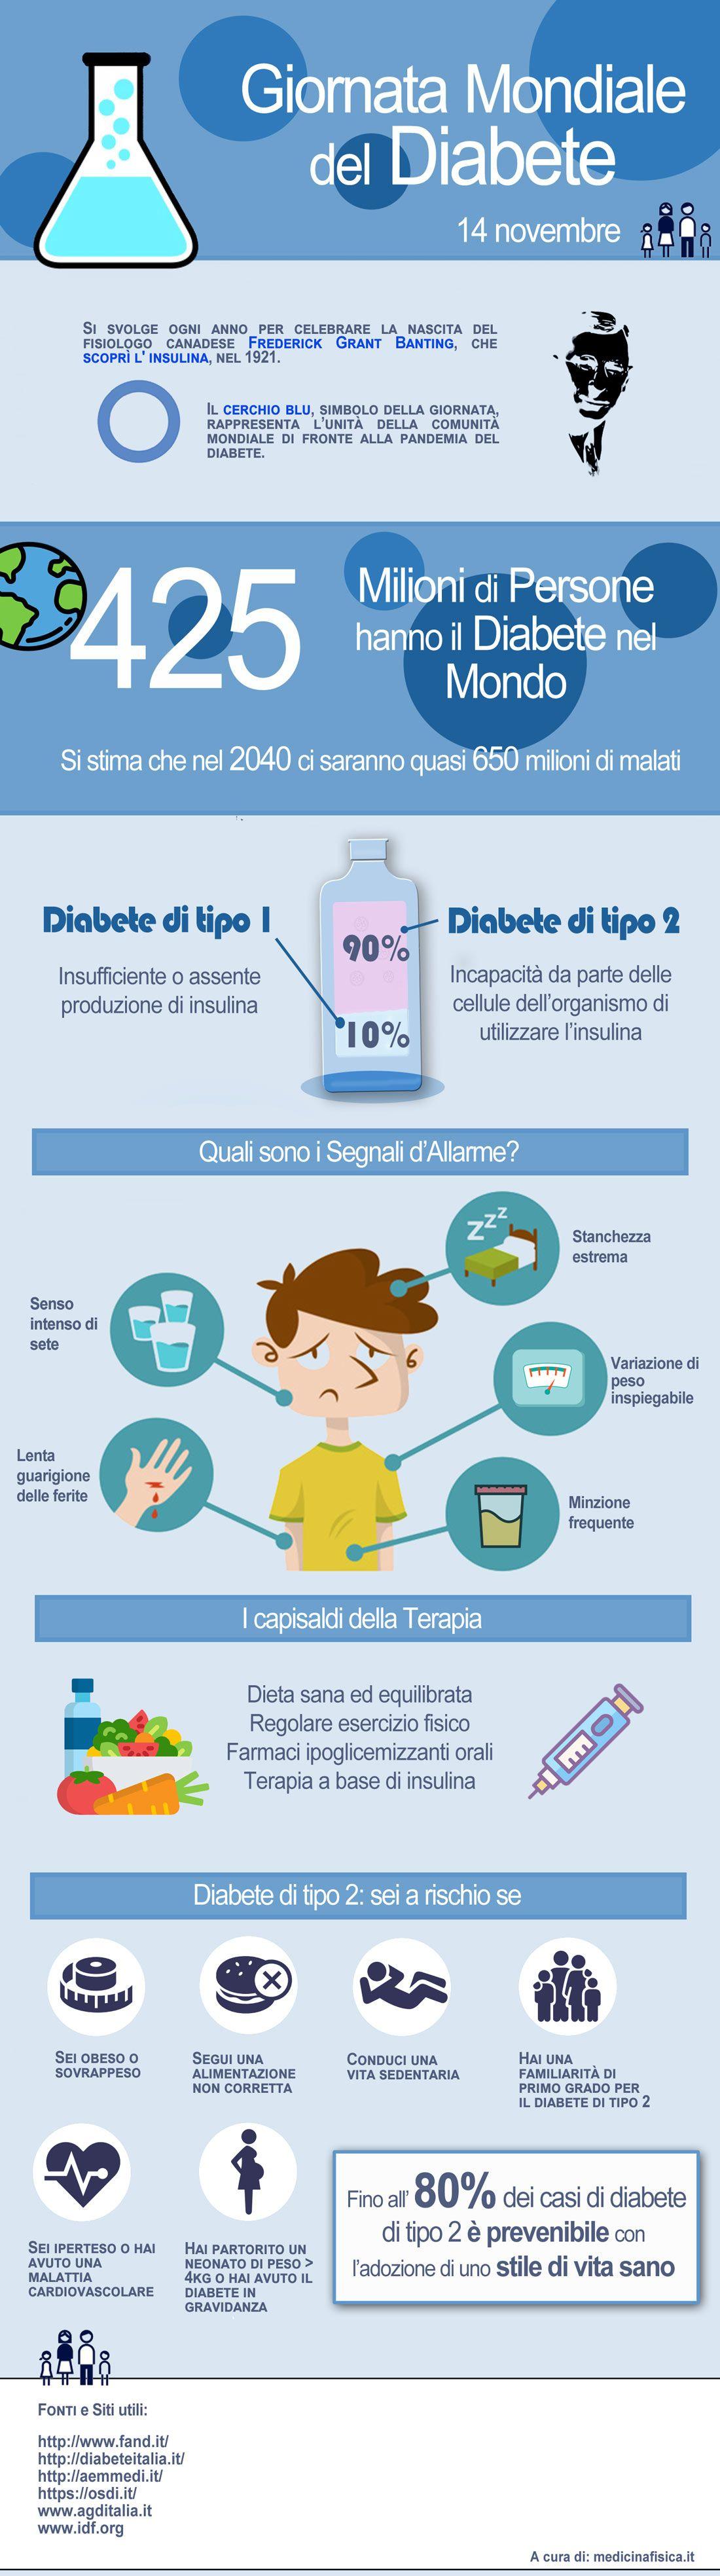 infografica giornata diabete